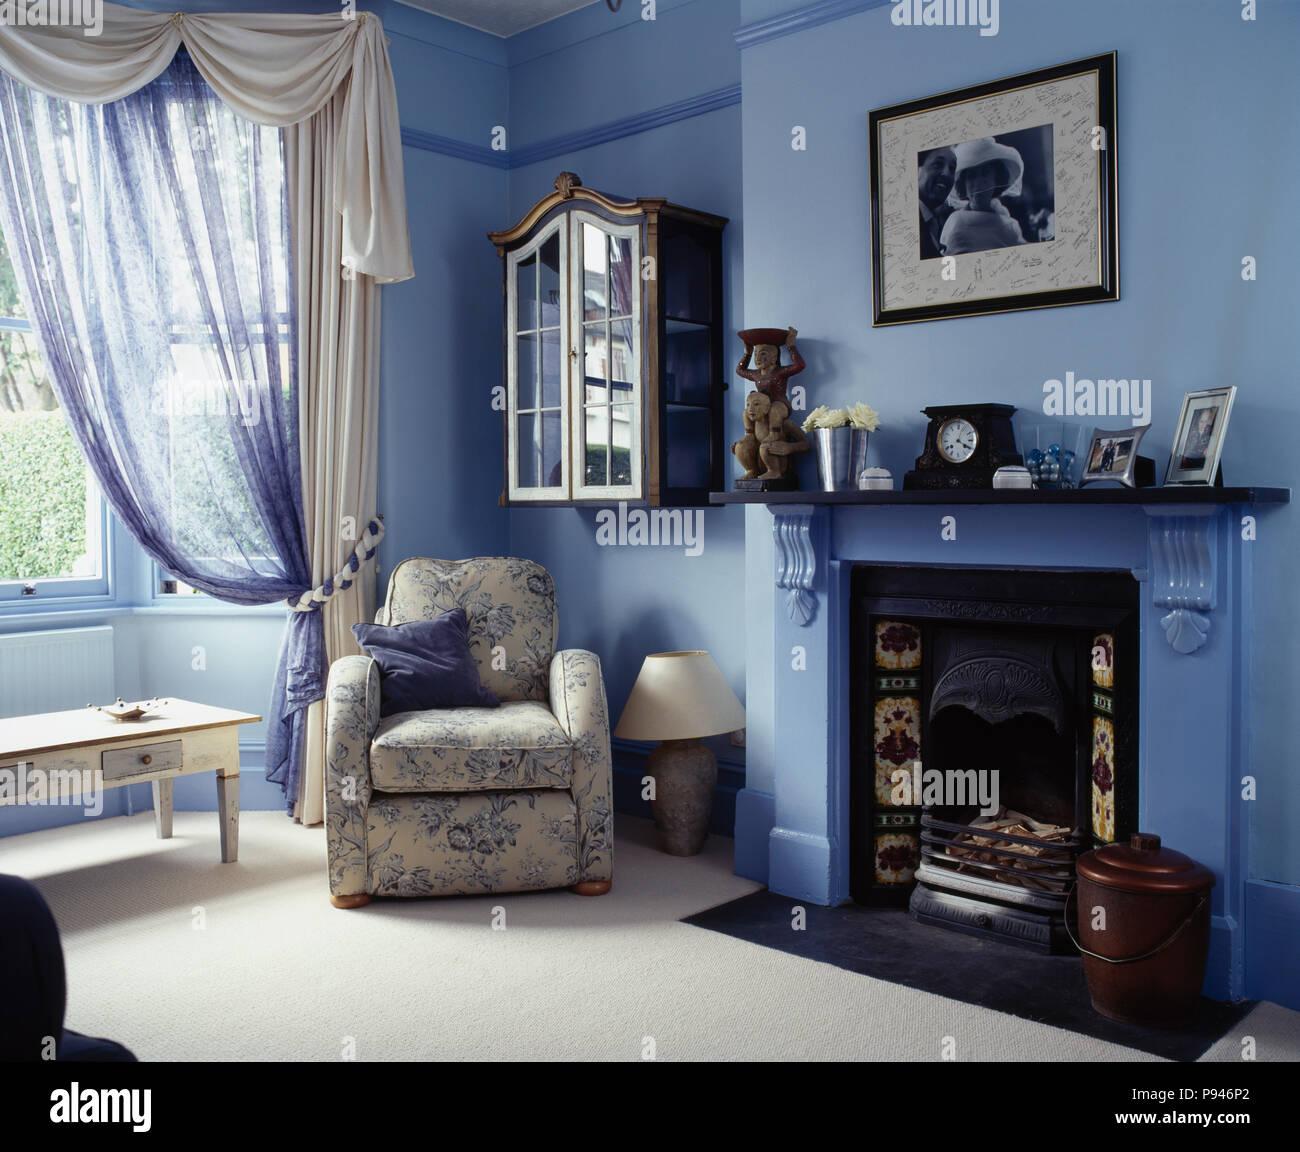 Weiß gerafften Vorhängen und Blau voile Vorhang am Fenster in Blau ...